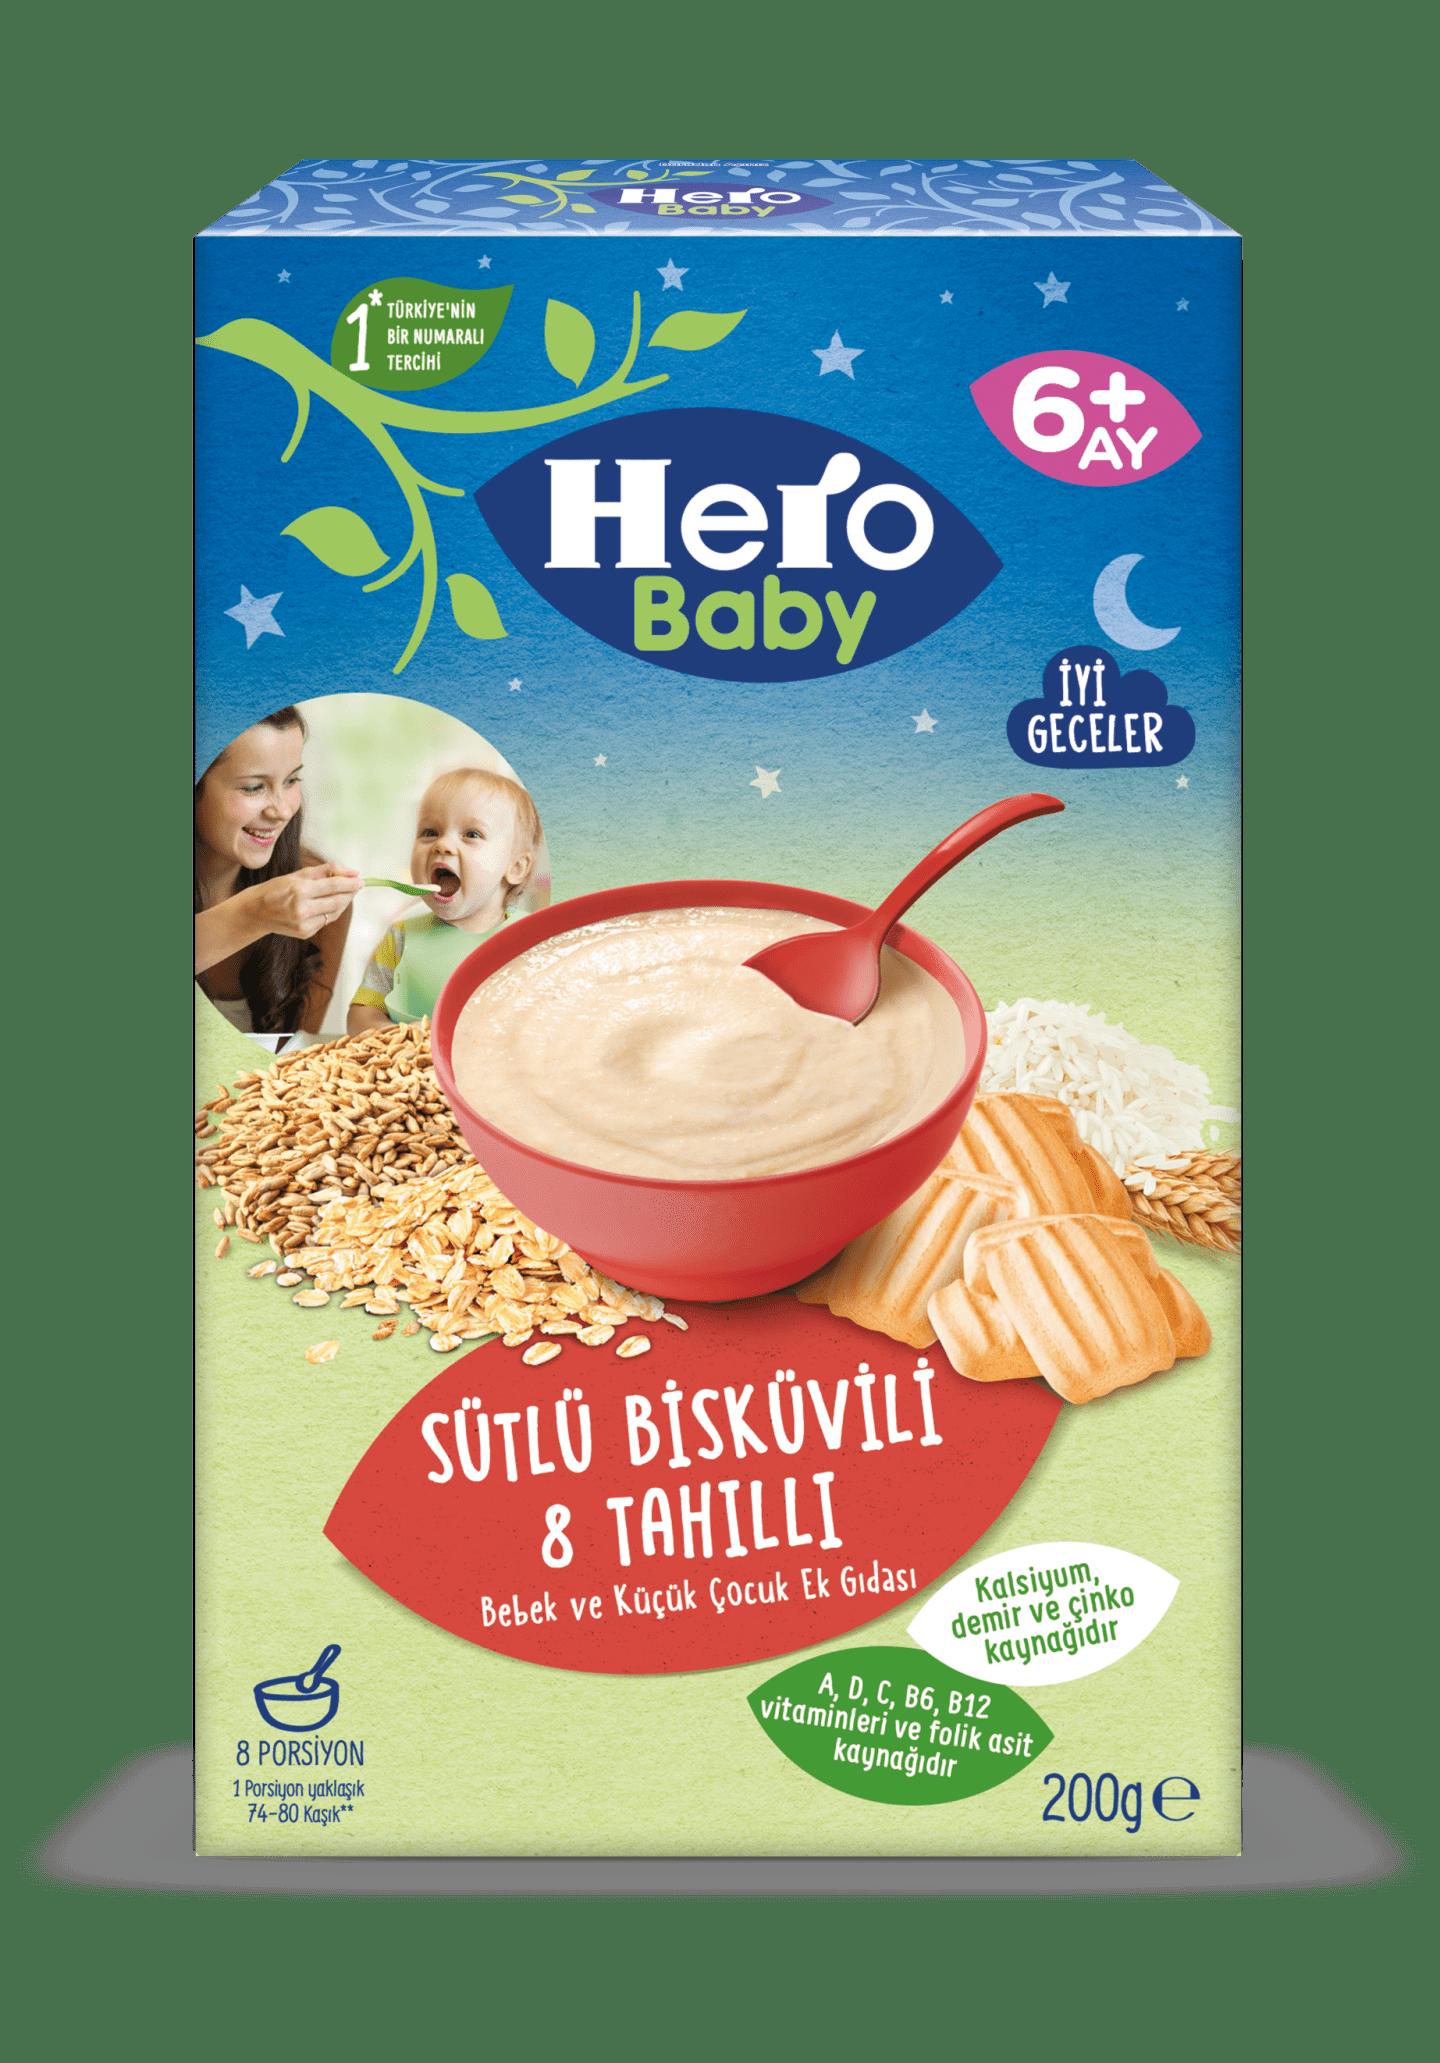 Sütlü Bisküvili 8 Tahıllı 200g